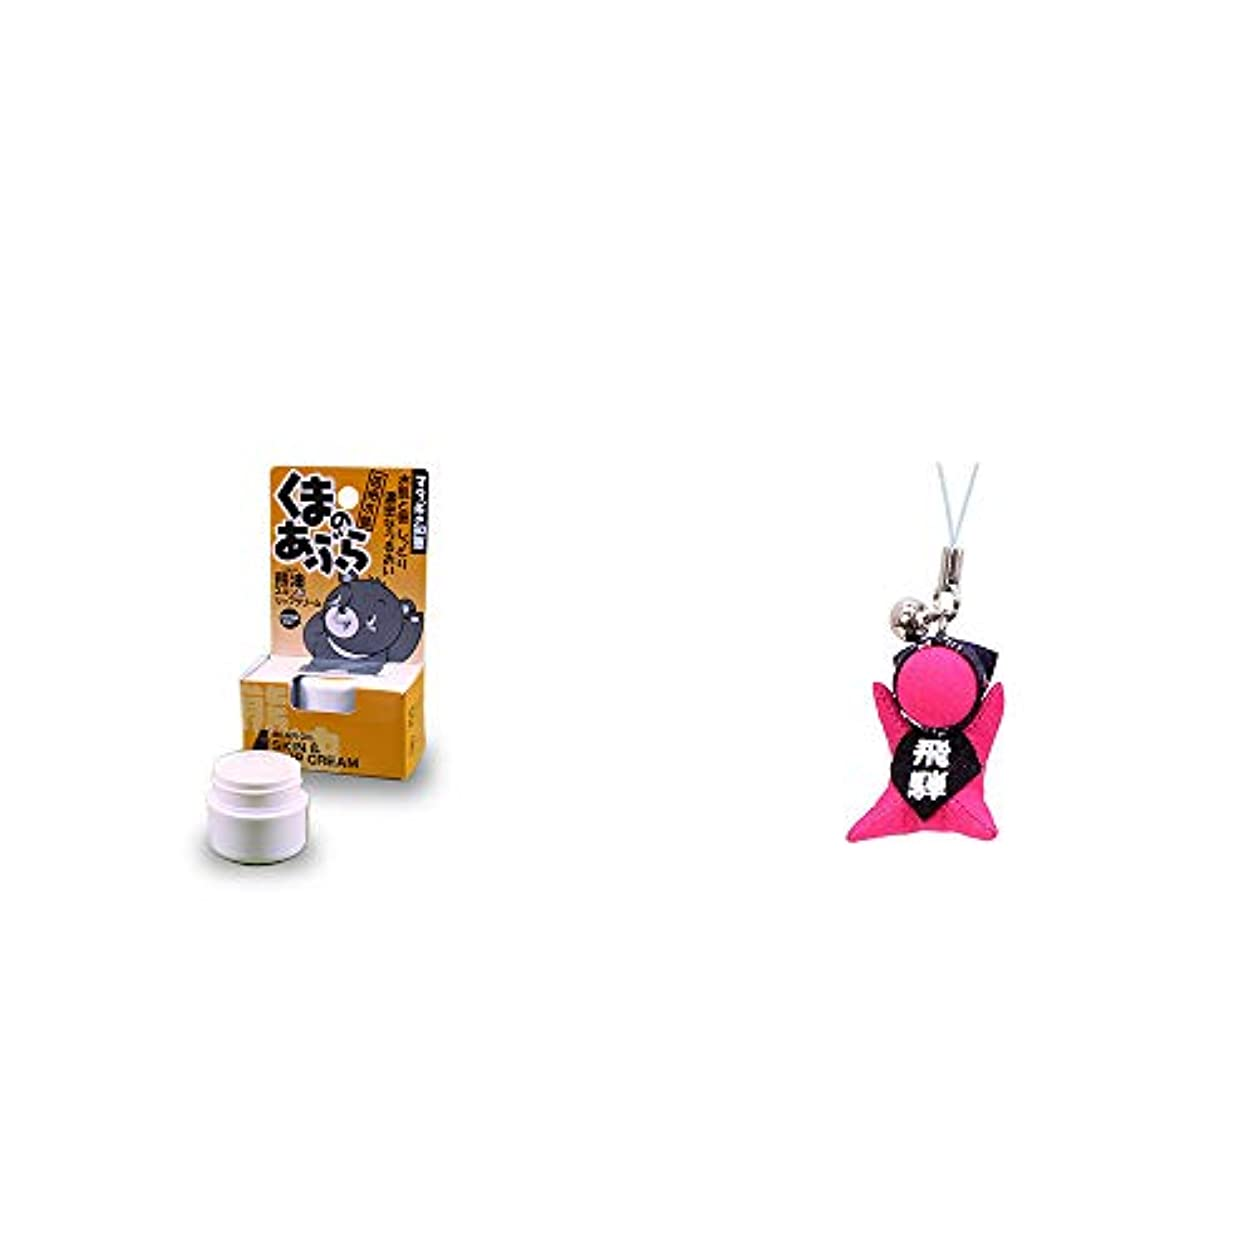 惨めな命令的五[2点セット] 信州木曽 くまのあぶら 熊油スキン&リップクリーム(9g)?さるぼぼ幸福ストラップ 【ピンク】 / 風水カラー全9種類 縁結び?恋愛(出会い) お守り//